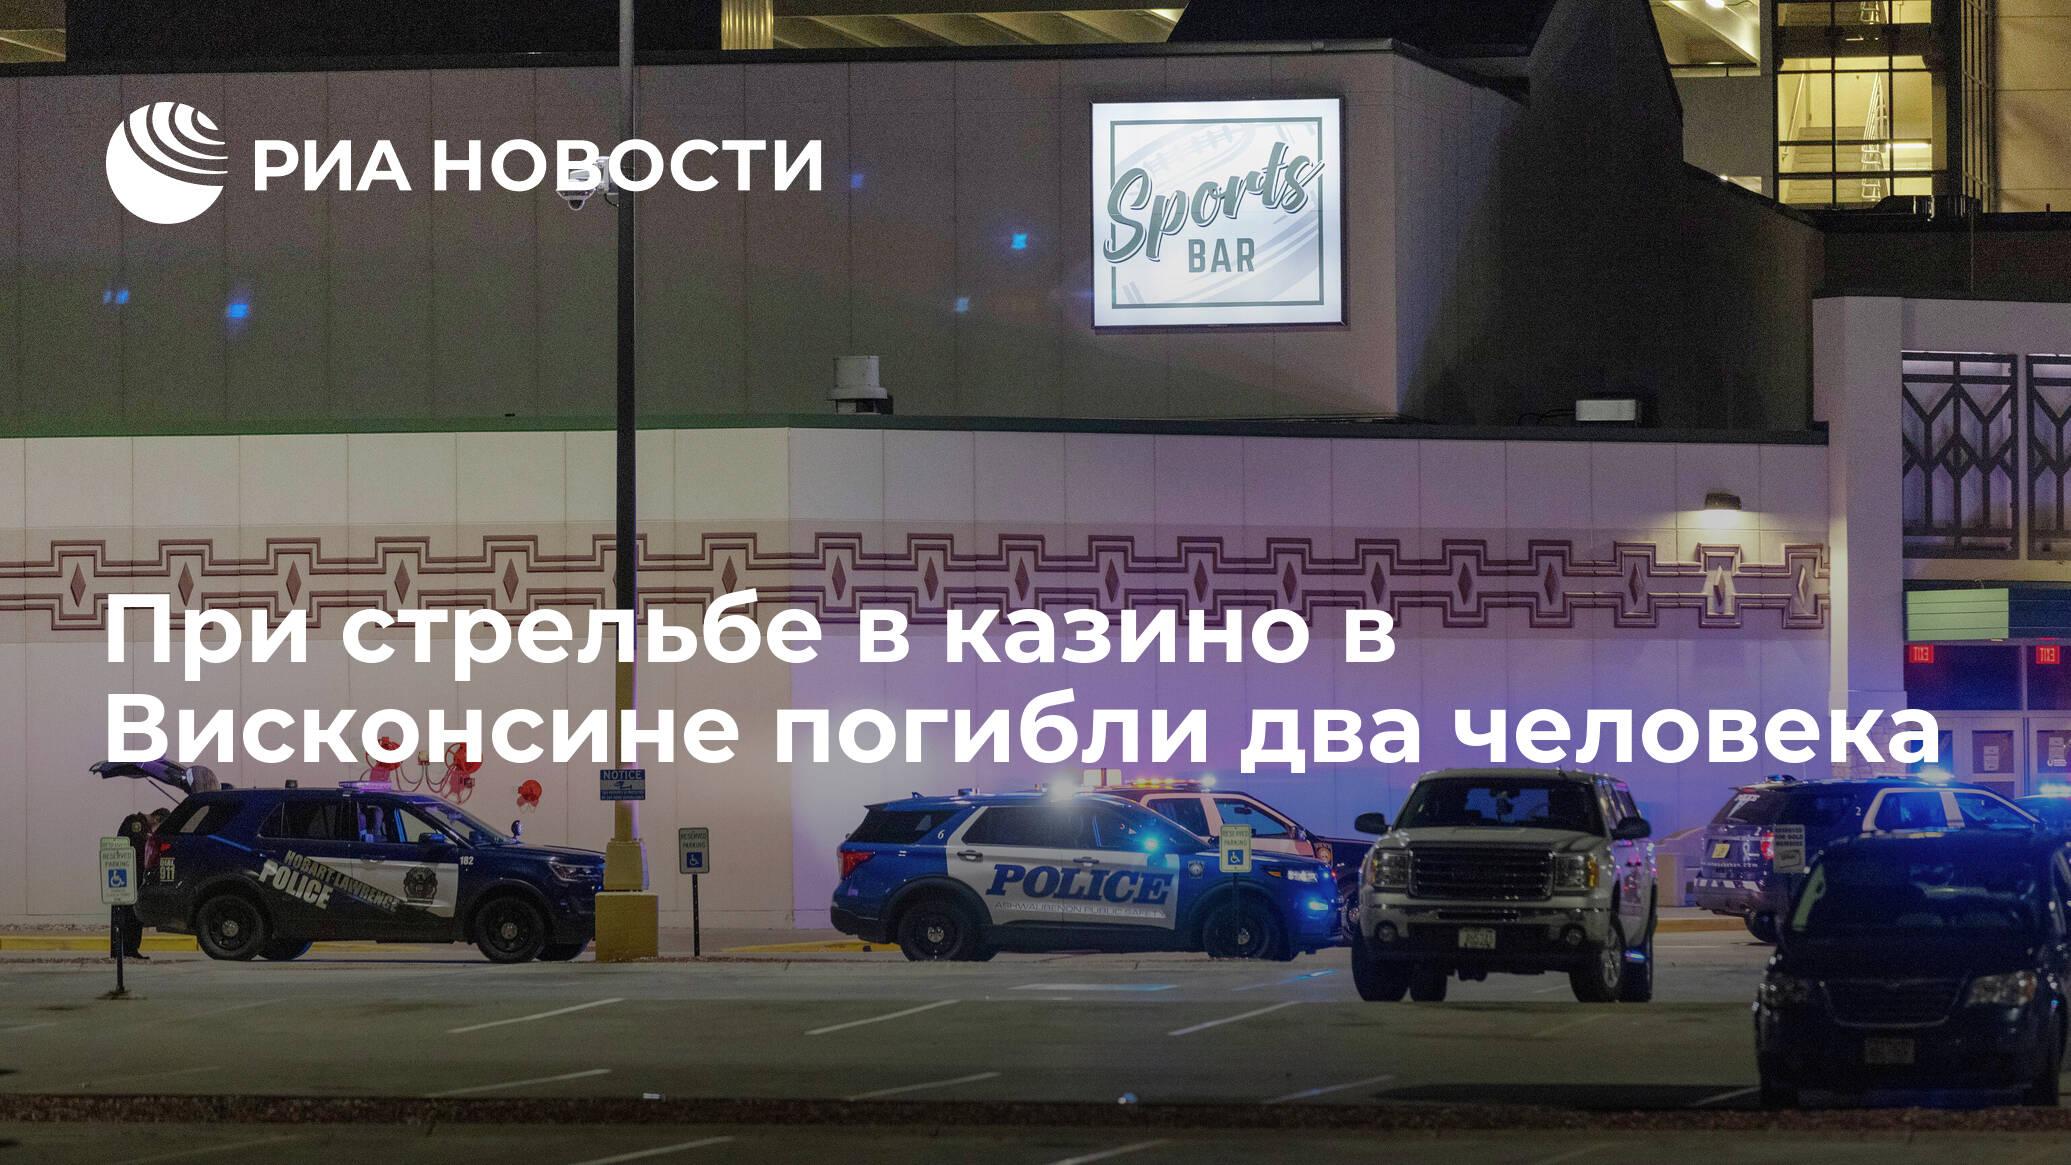 При стрельбе в казино в Висконсине погибли два человека